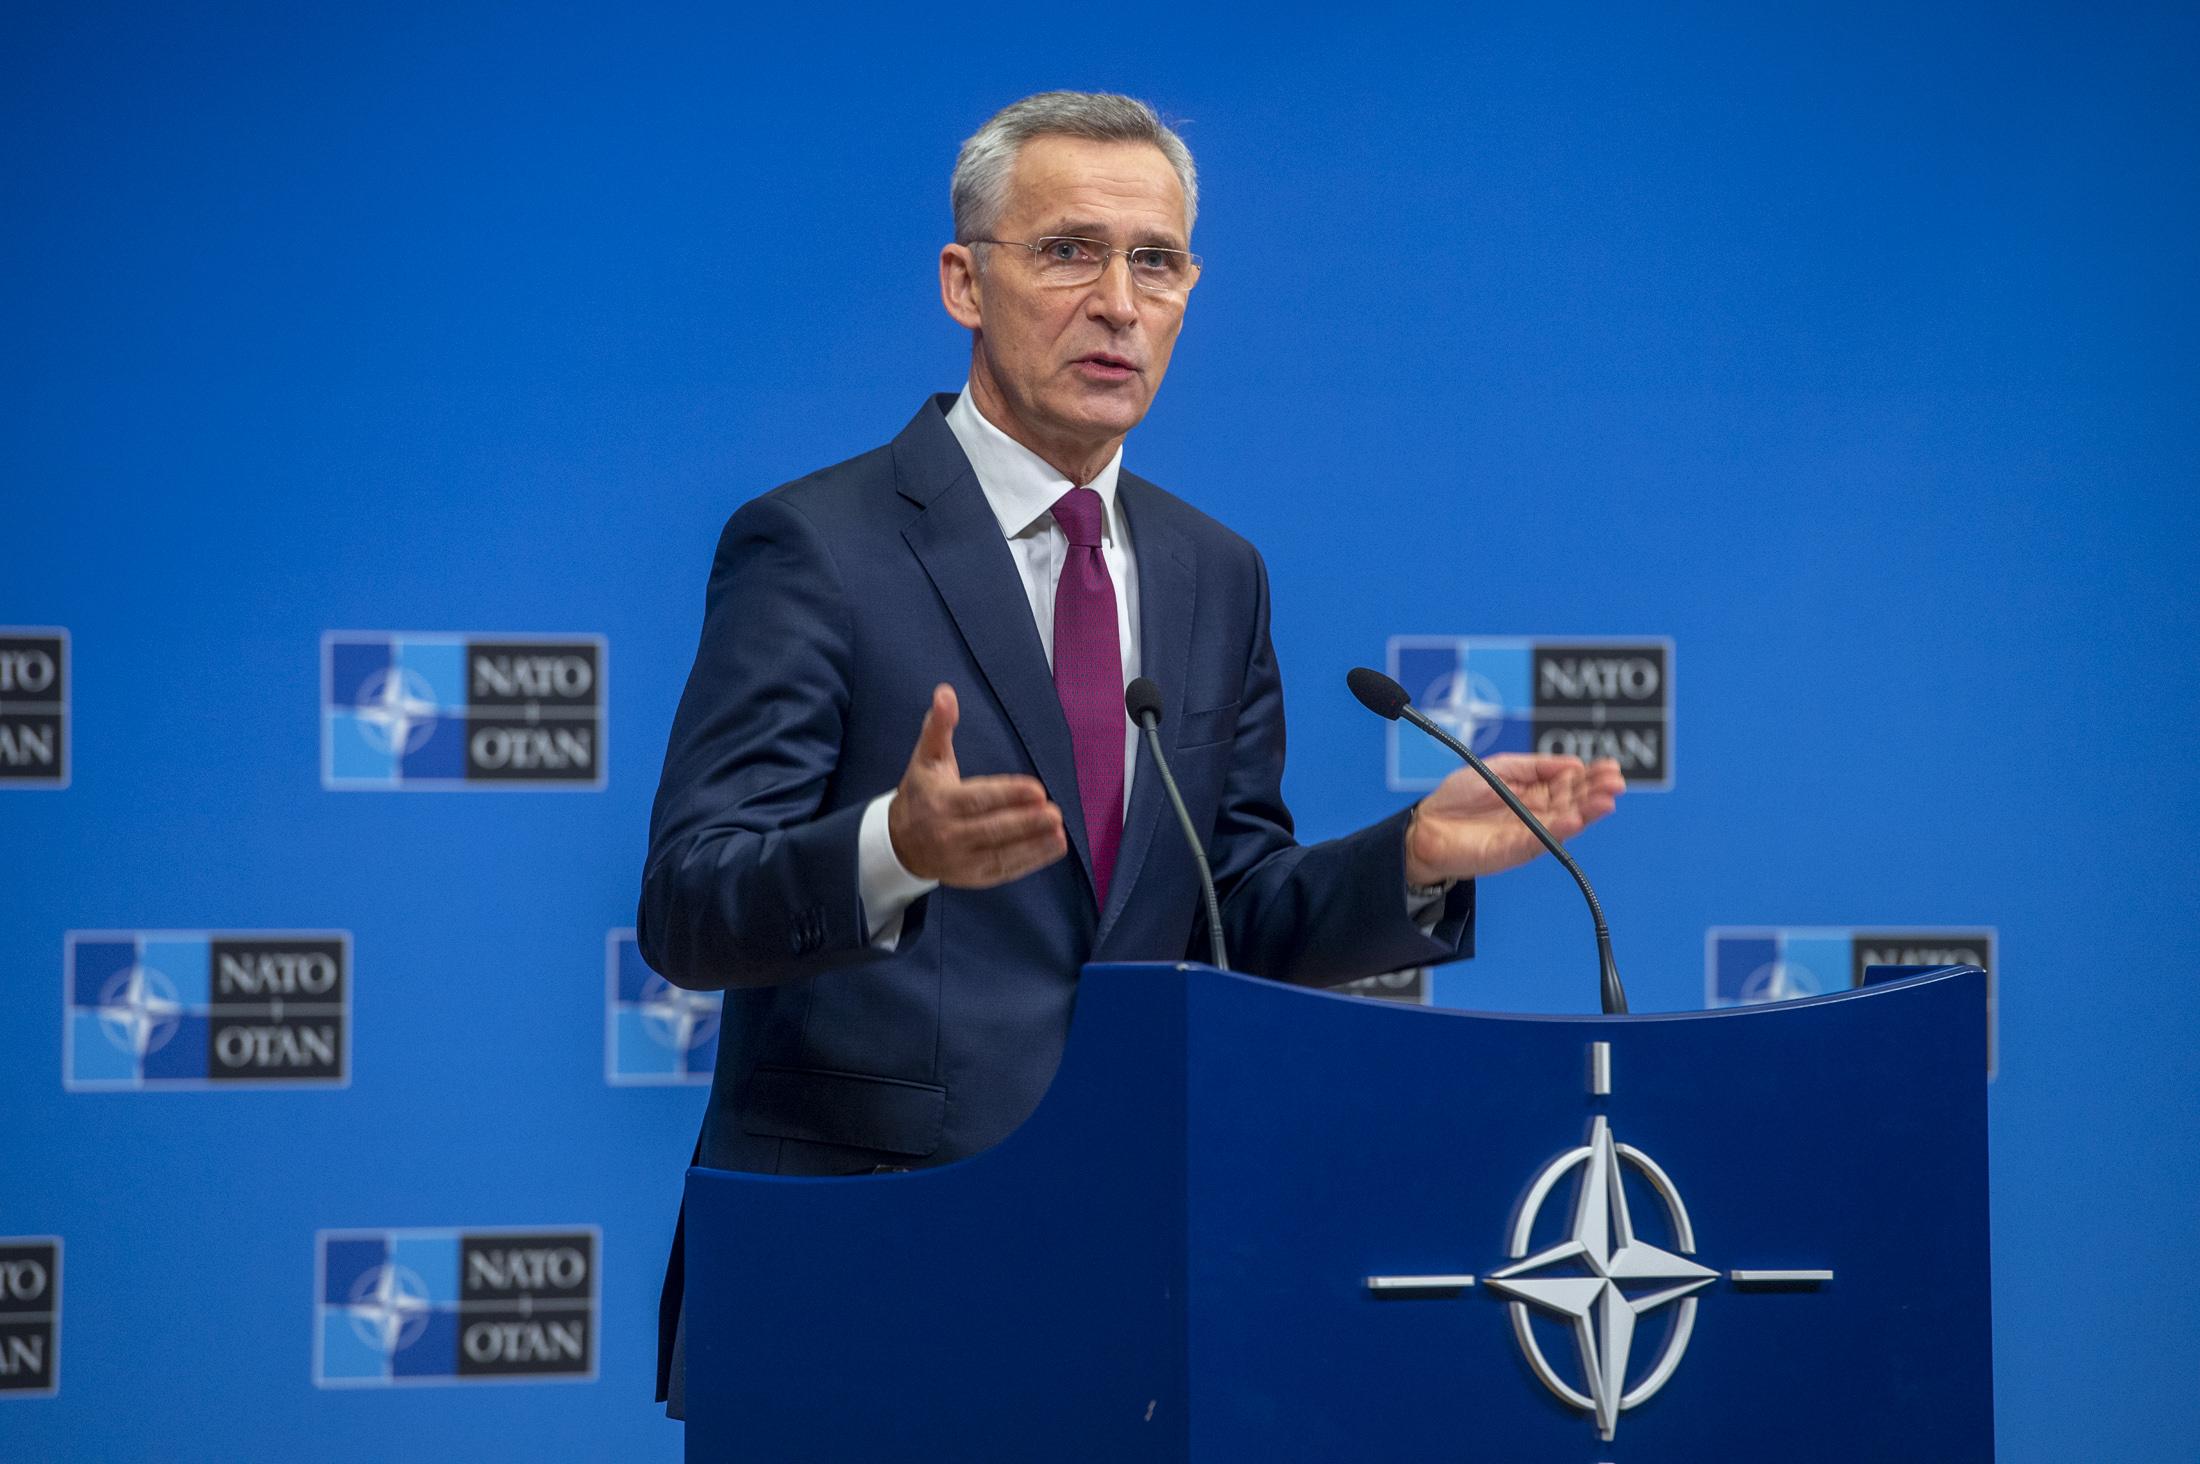 NATO Stolteberg #новости брюссель, Грузия, НАТО, Североатлантический альянс, Столтенберг